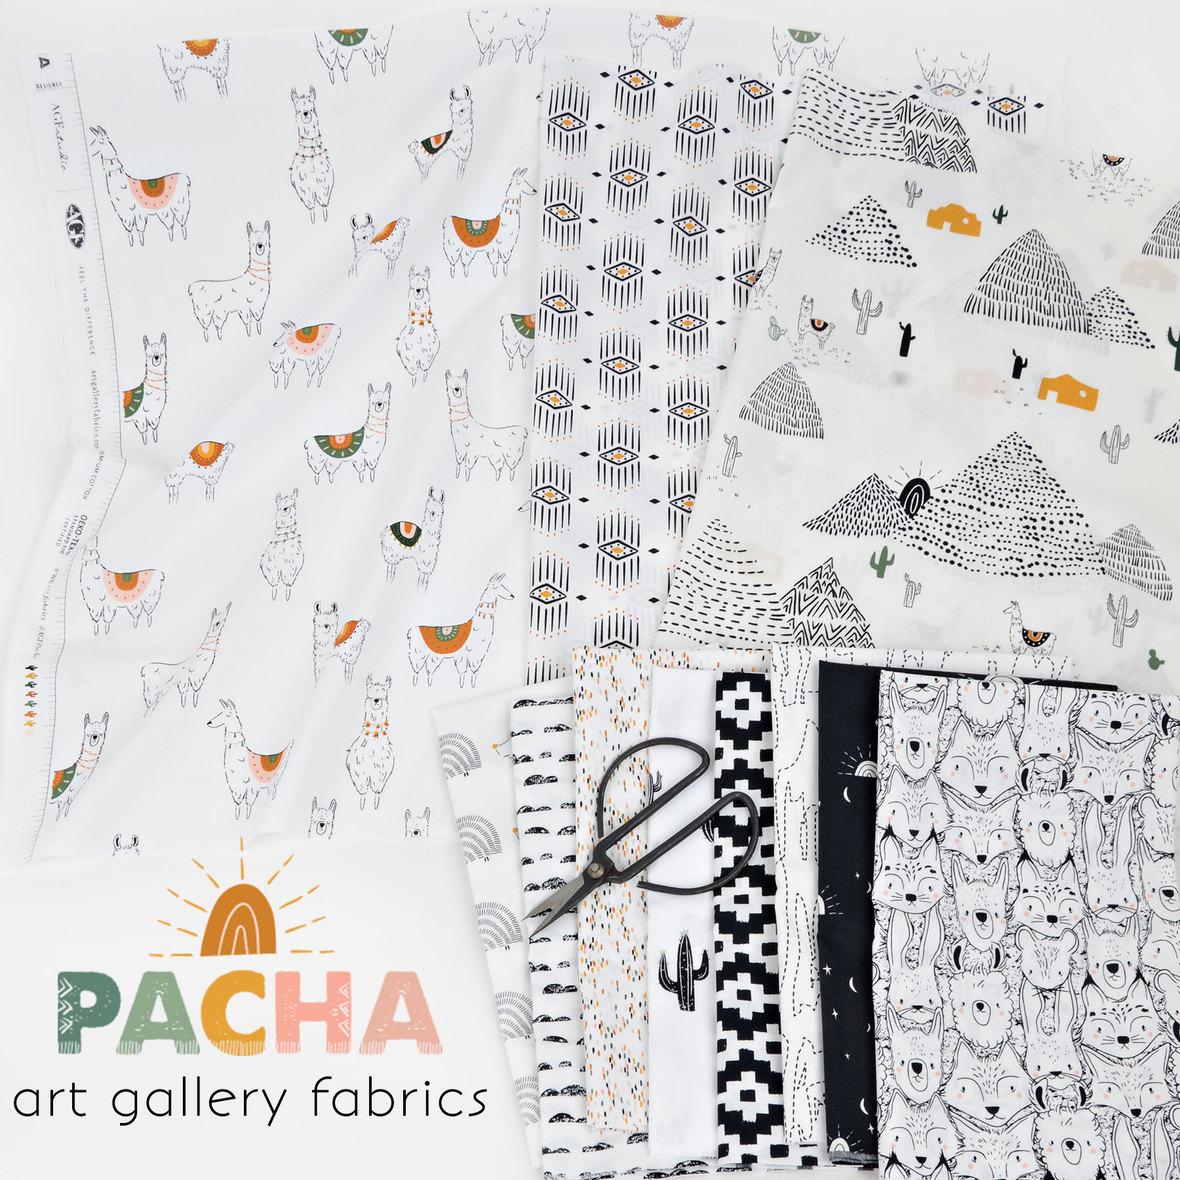 Pacha-Fabric-Art-Gallery-Fabrics-Pacha-at-Hawthorne-Supply-Co